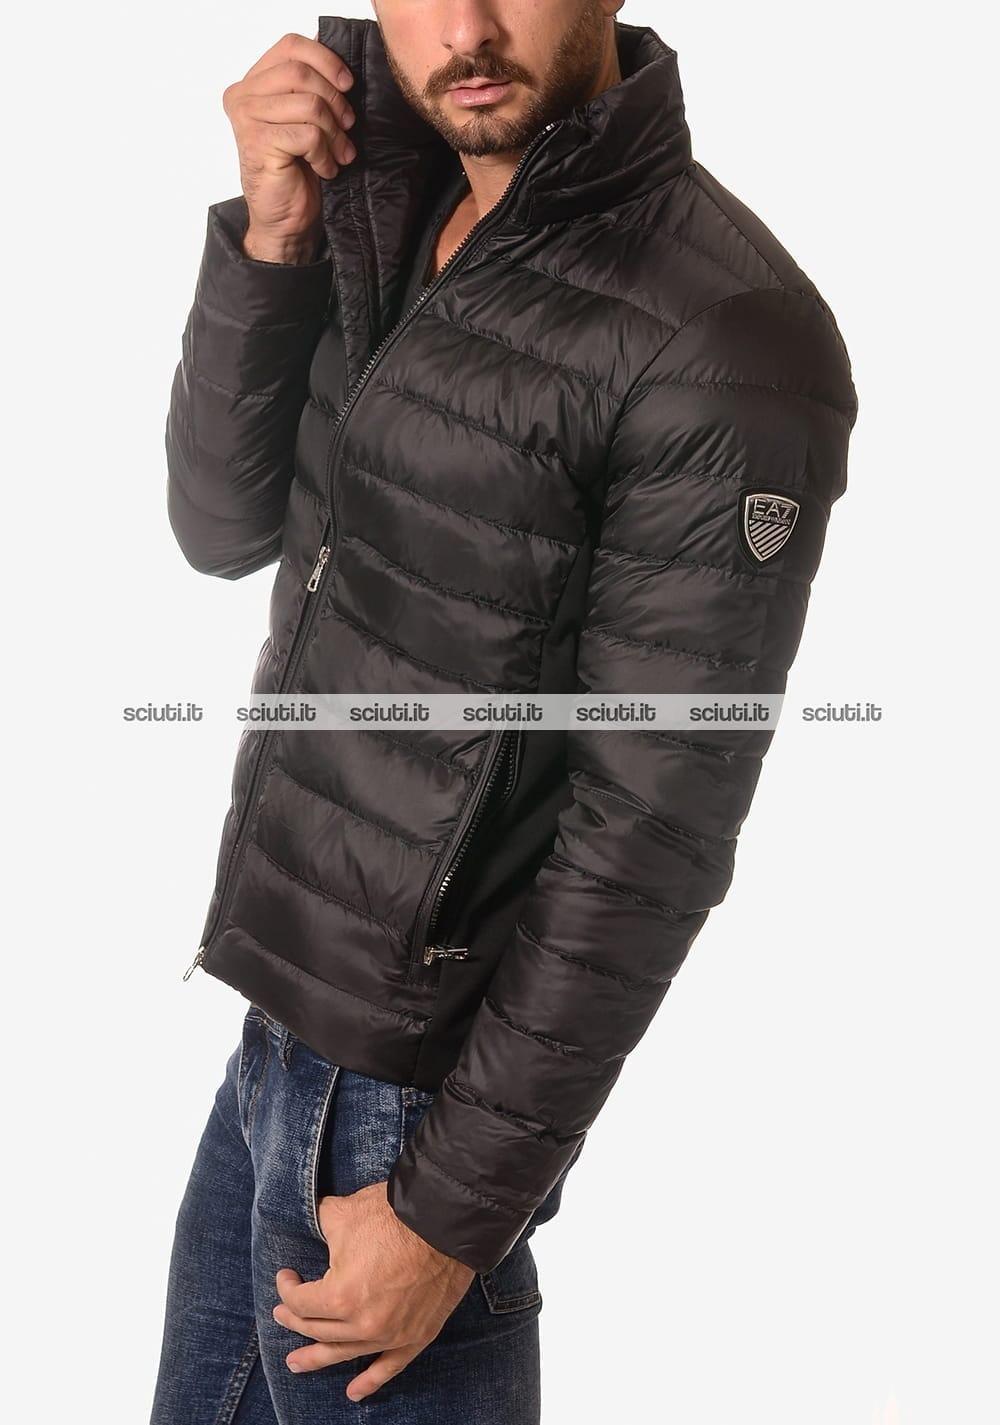 huge discount 66aab bf220 Piumino trapuntato Emporio Armani uomo senza cappuccio nero